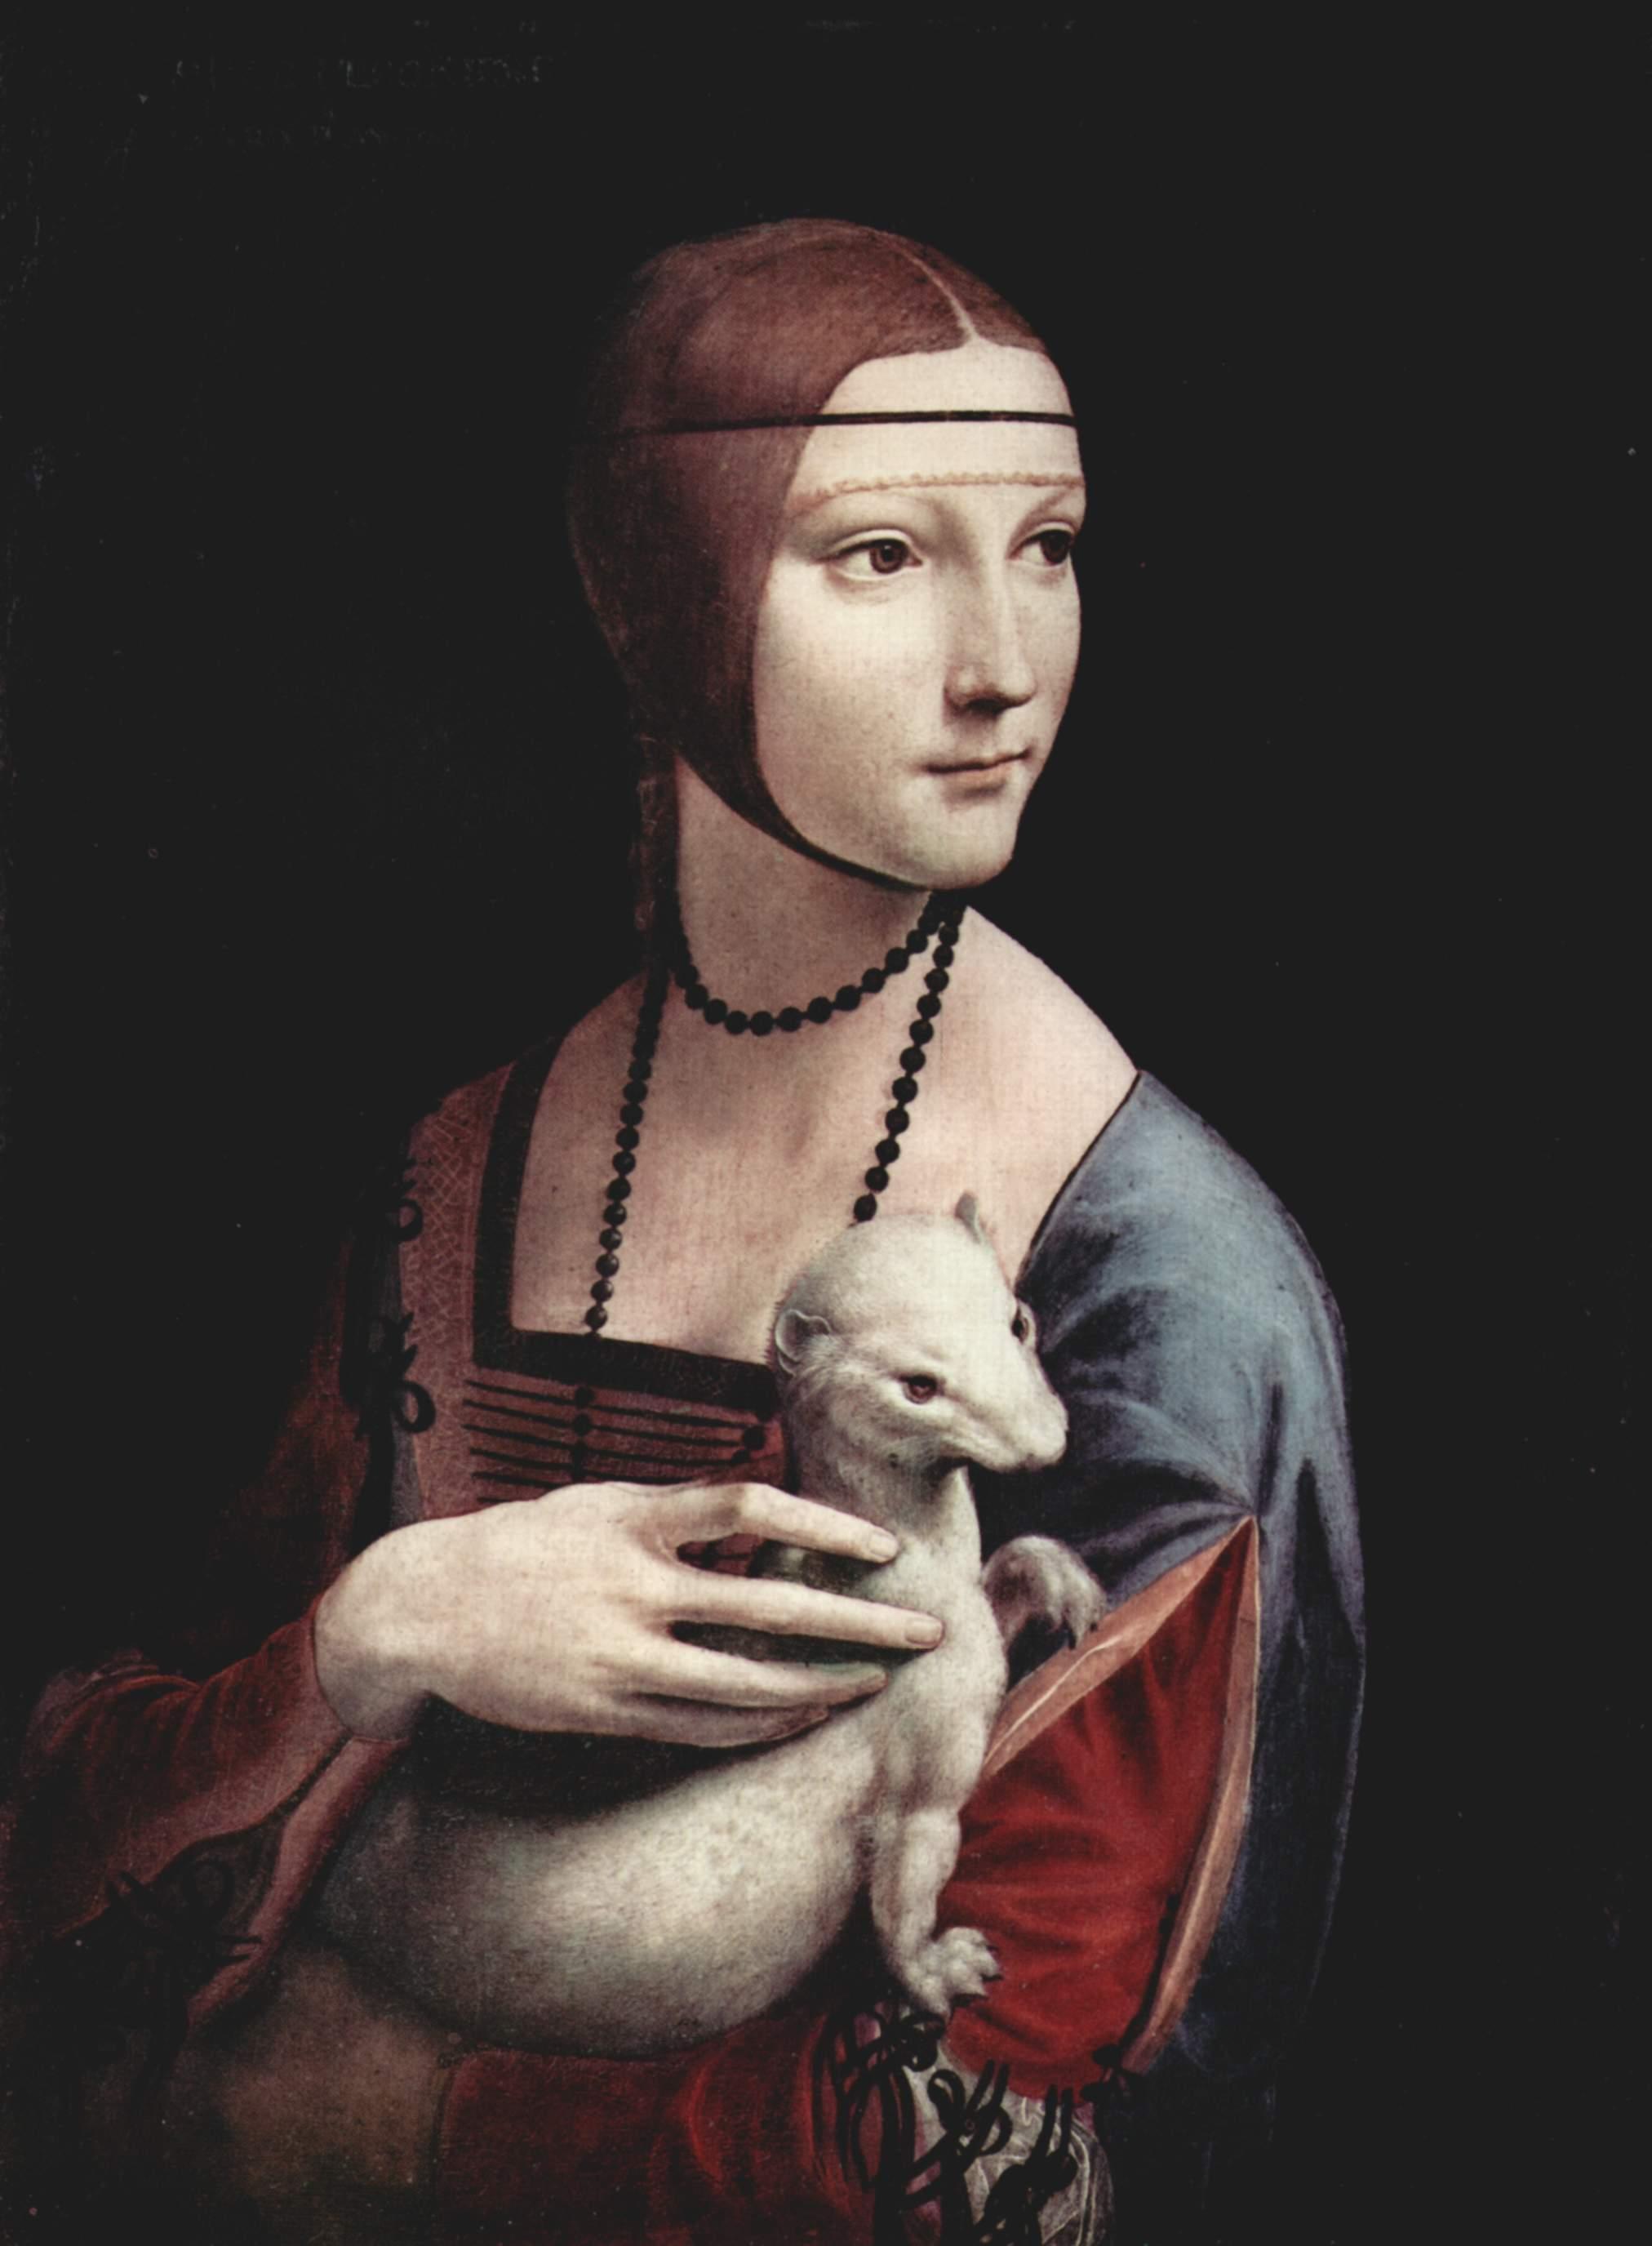 'La dama del armiño' (c.1485)